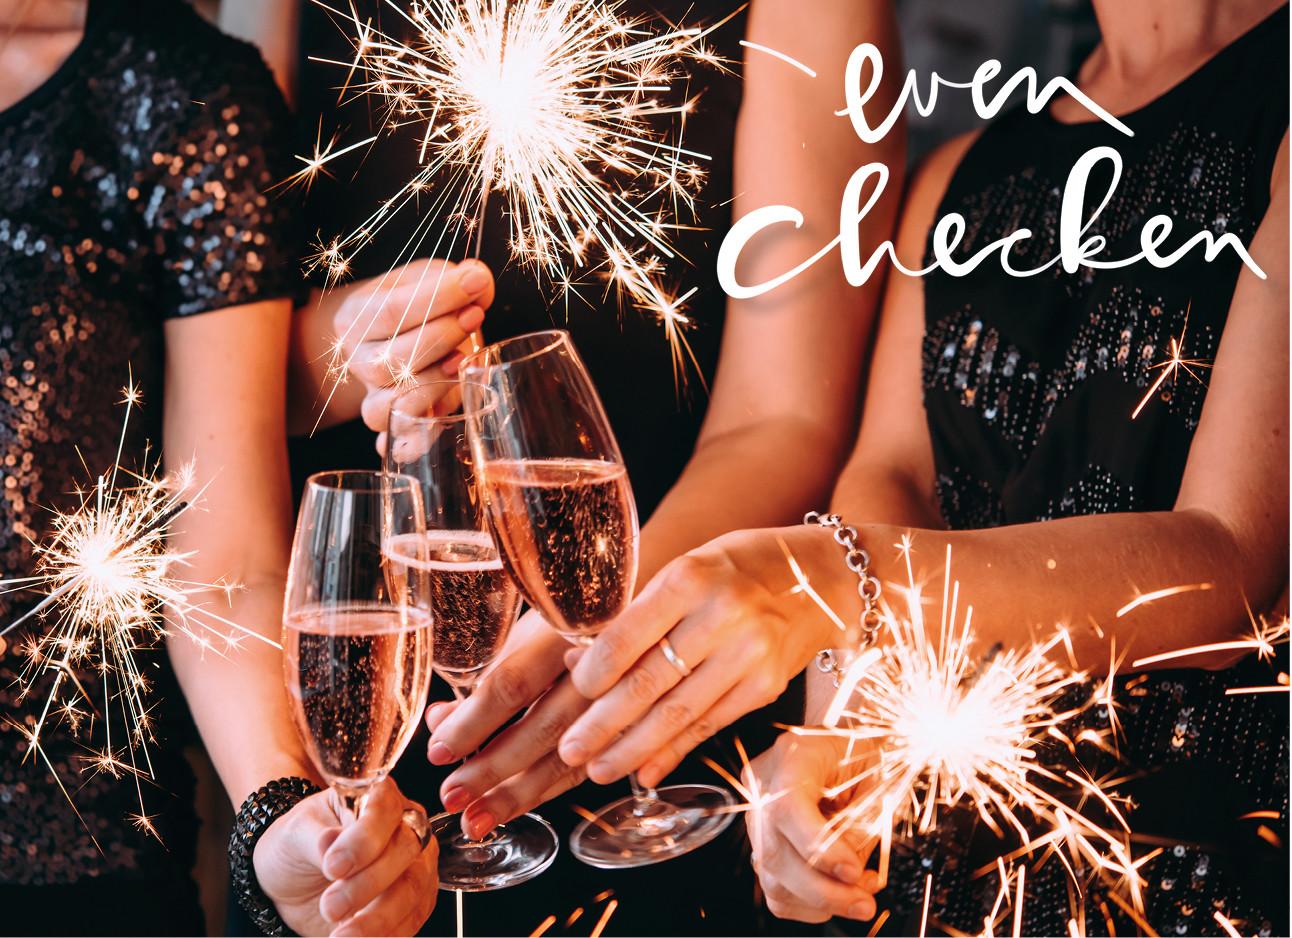 een groep meiden die aan het proosten zijn met champagne